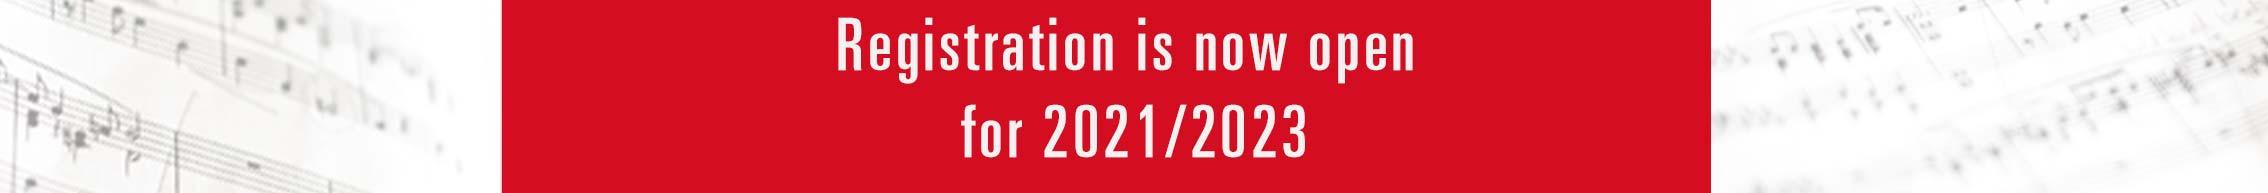 registration open 2021-23